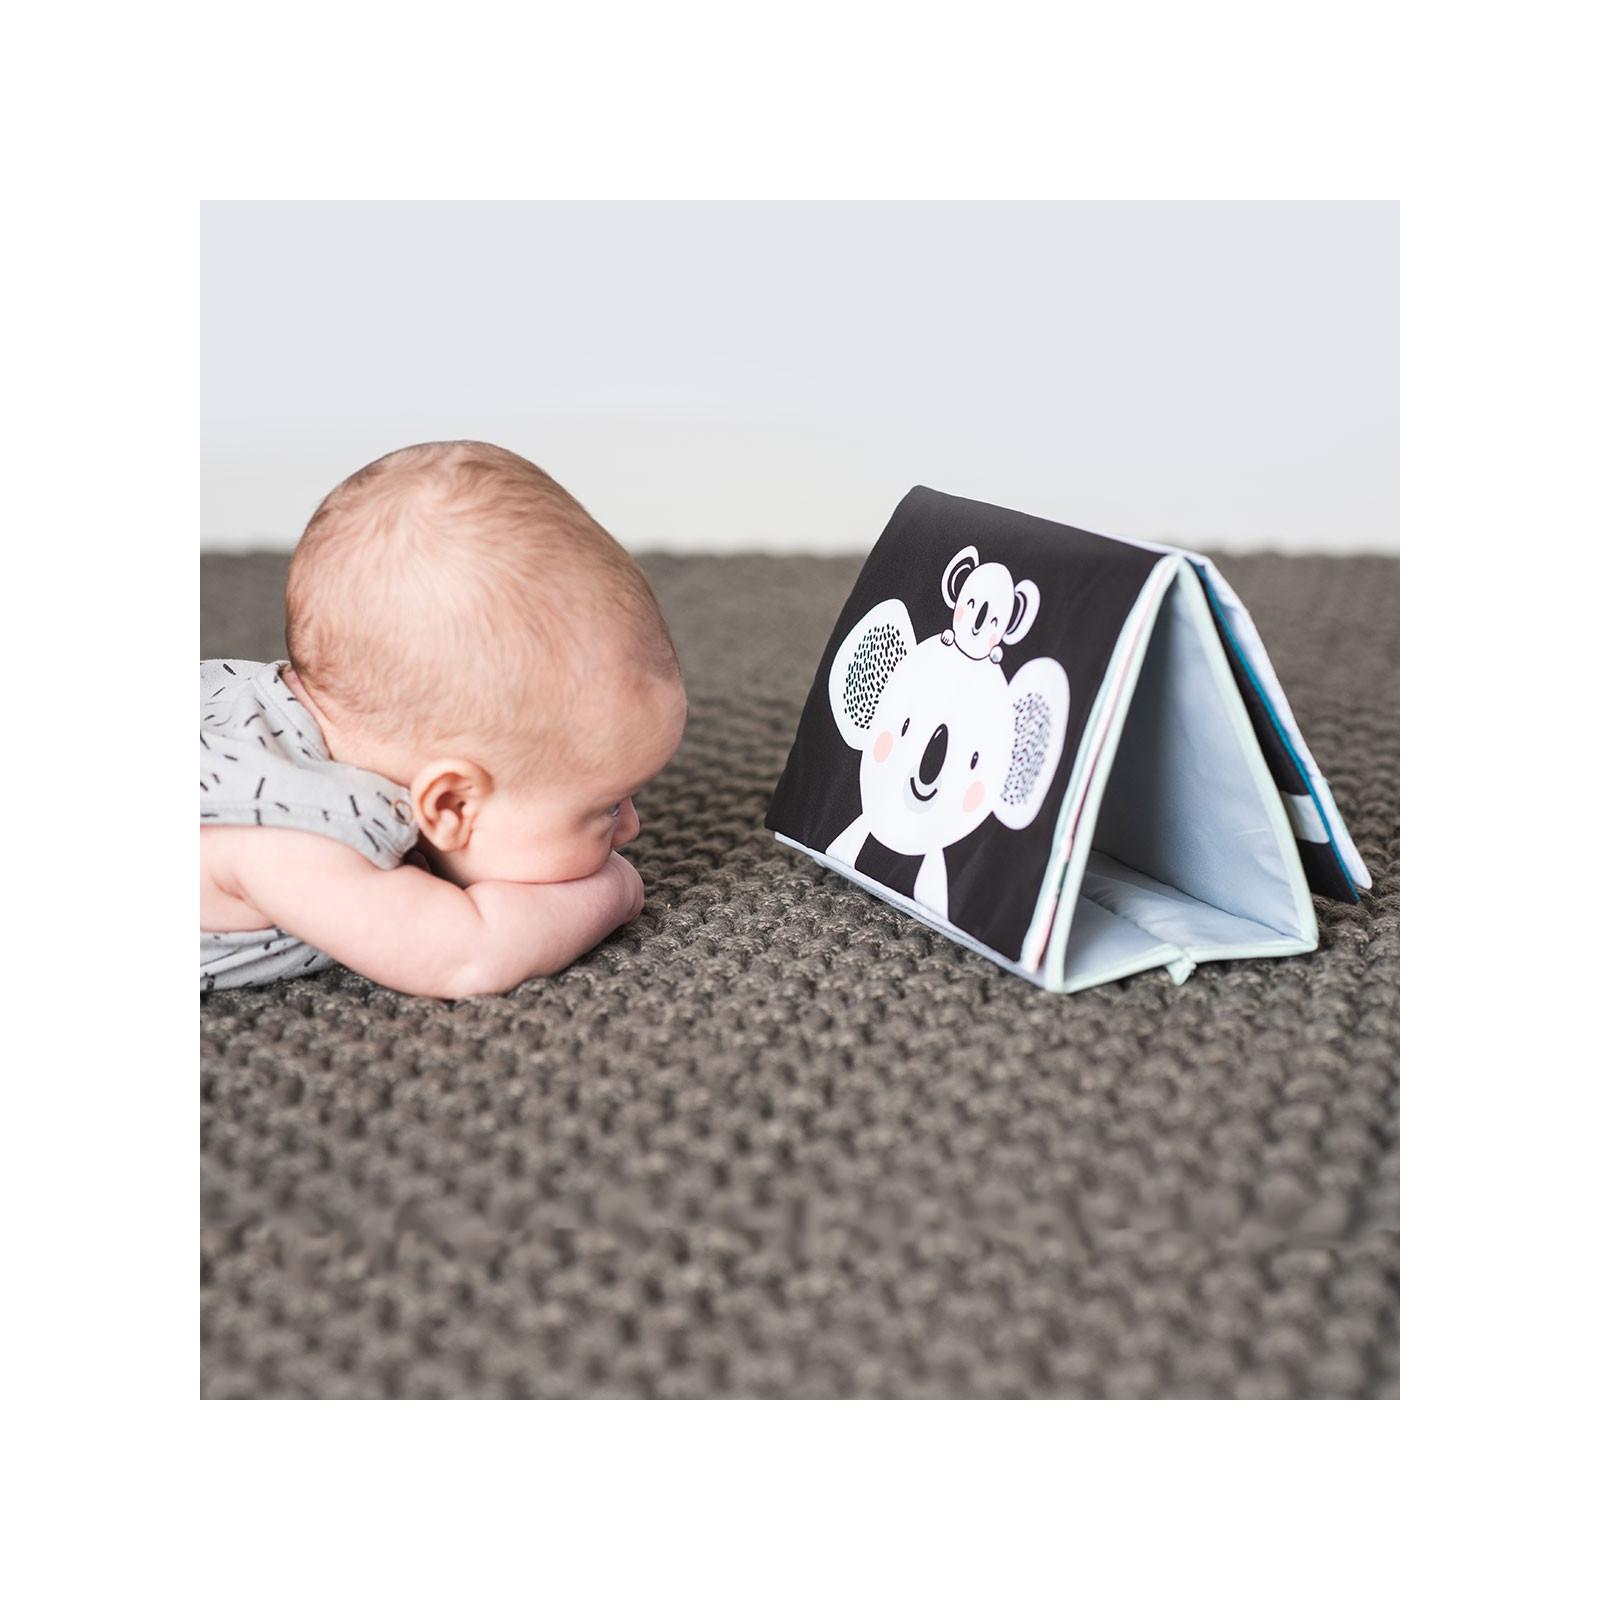 Развивающая игрушка Taf Toys перекидная книжка Мечтательные коалы (12395) изображение 10